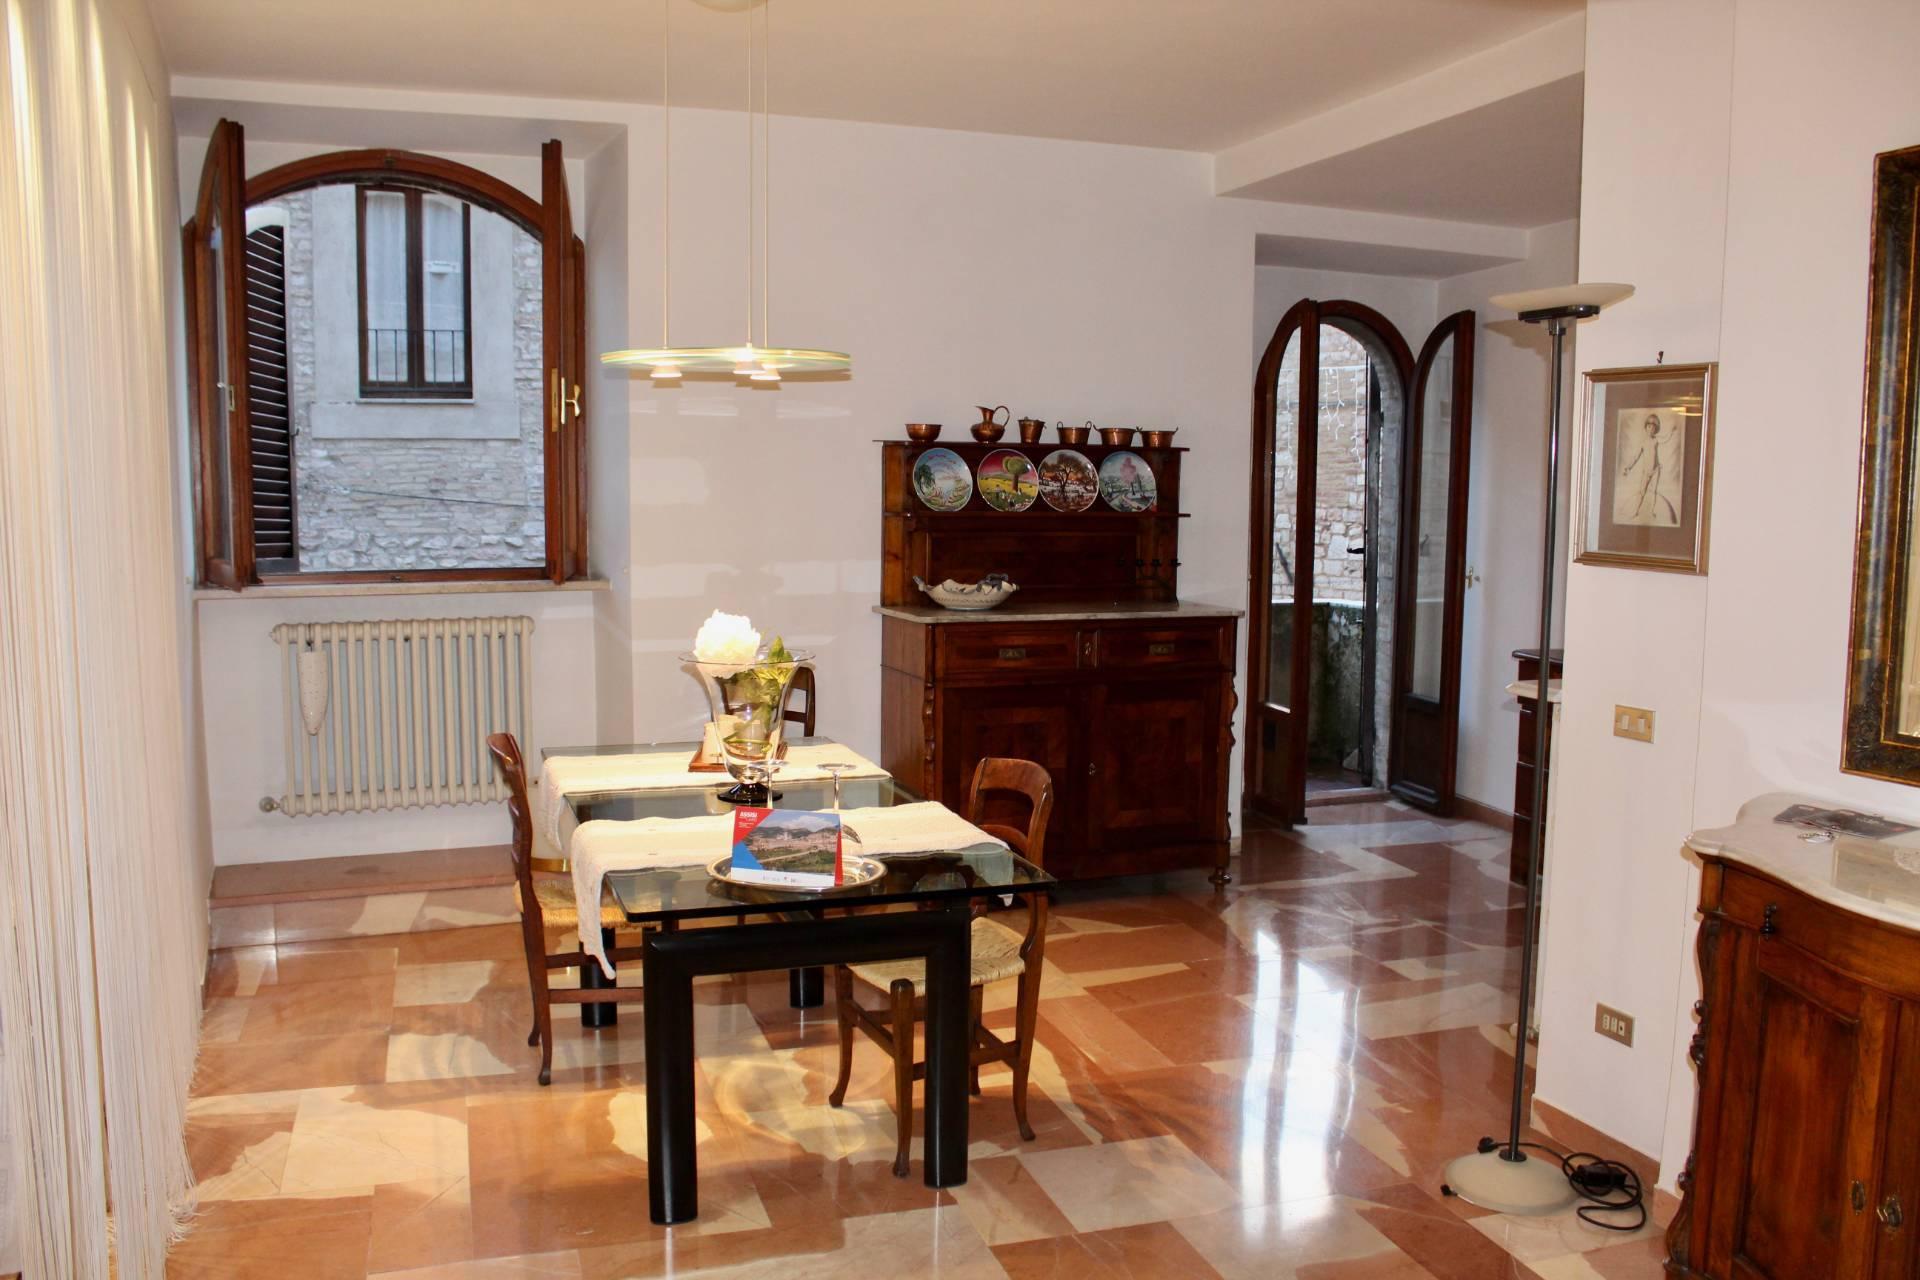 Appartamento in vendita a Assisi, 3 locali, zona Località: Assisicentro, prezzo € 250.000 | CambioCasa.it